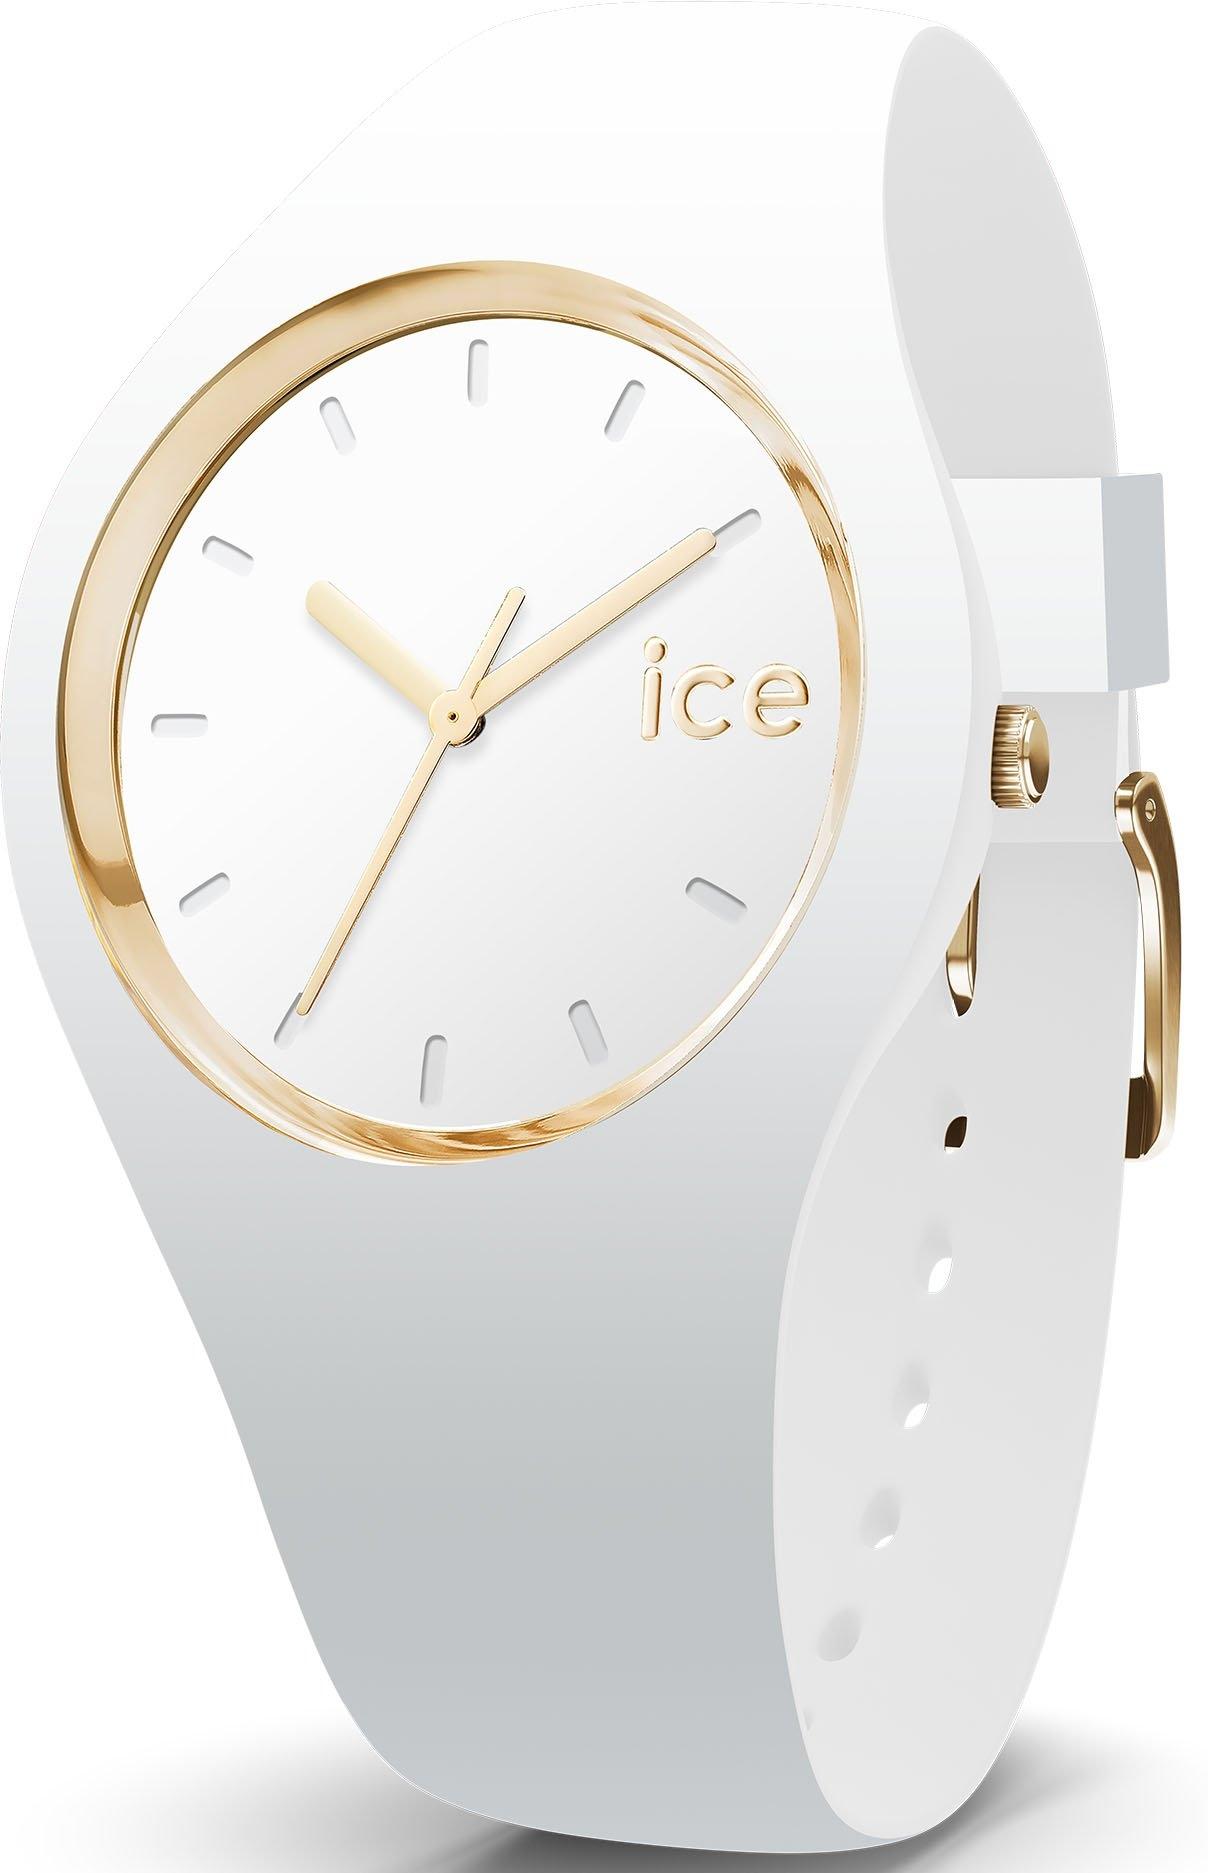 ice-watch kwartshorloge ICE glam, 000981 nu online bestellen